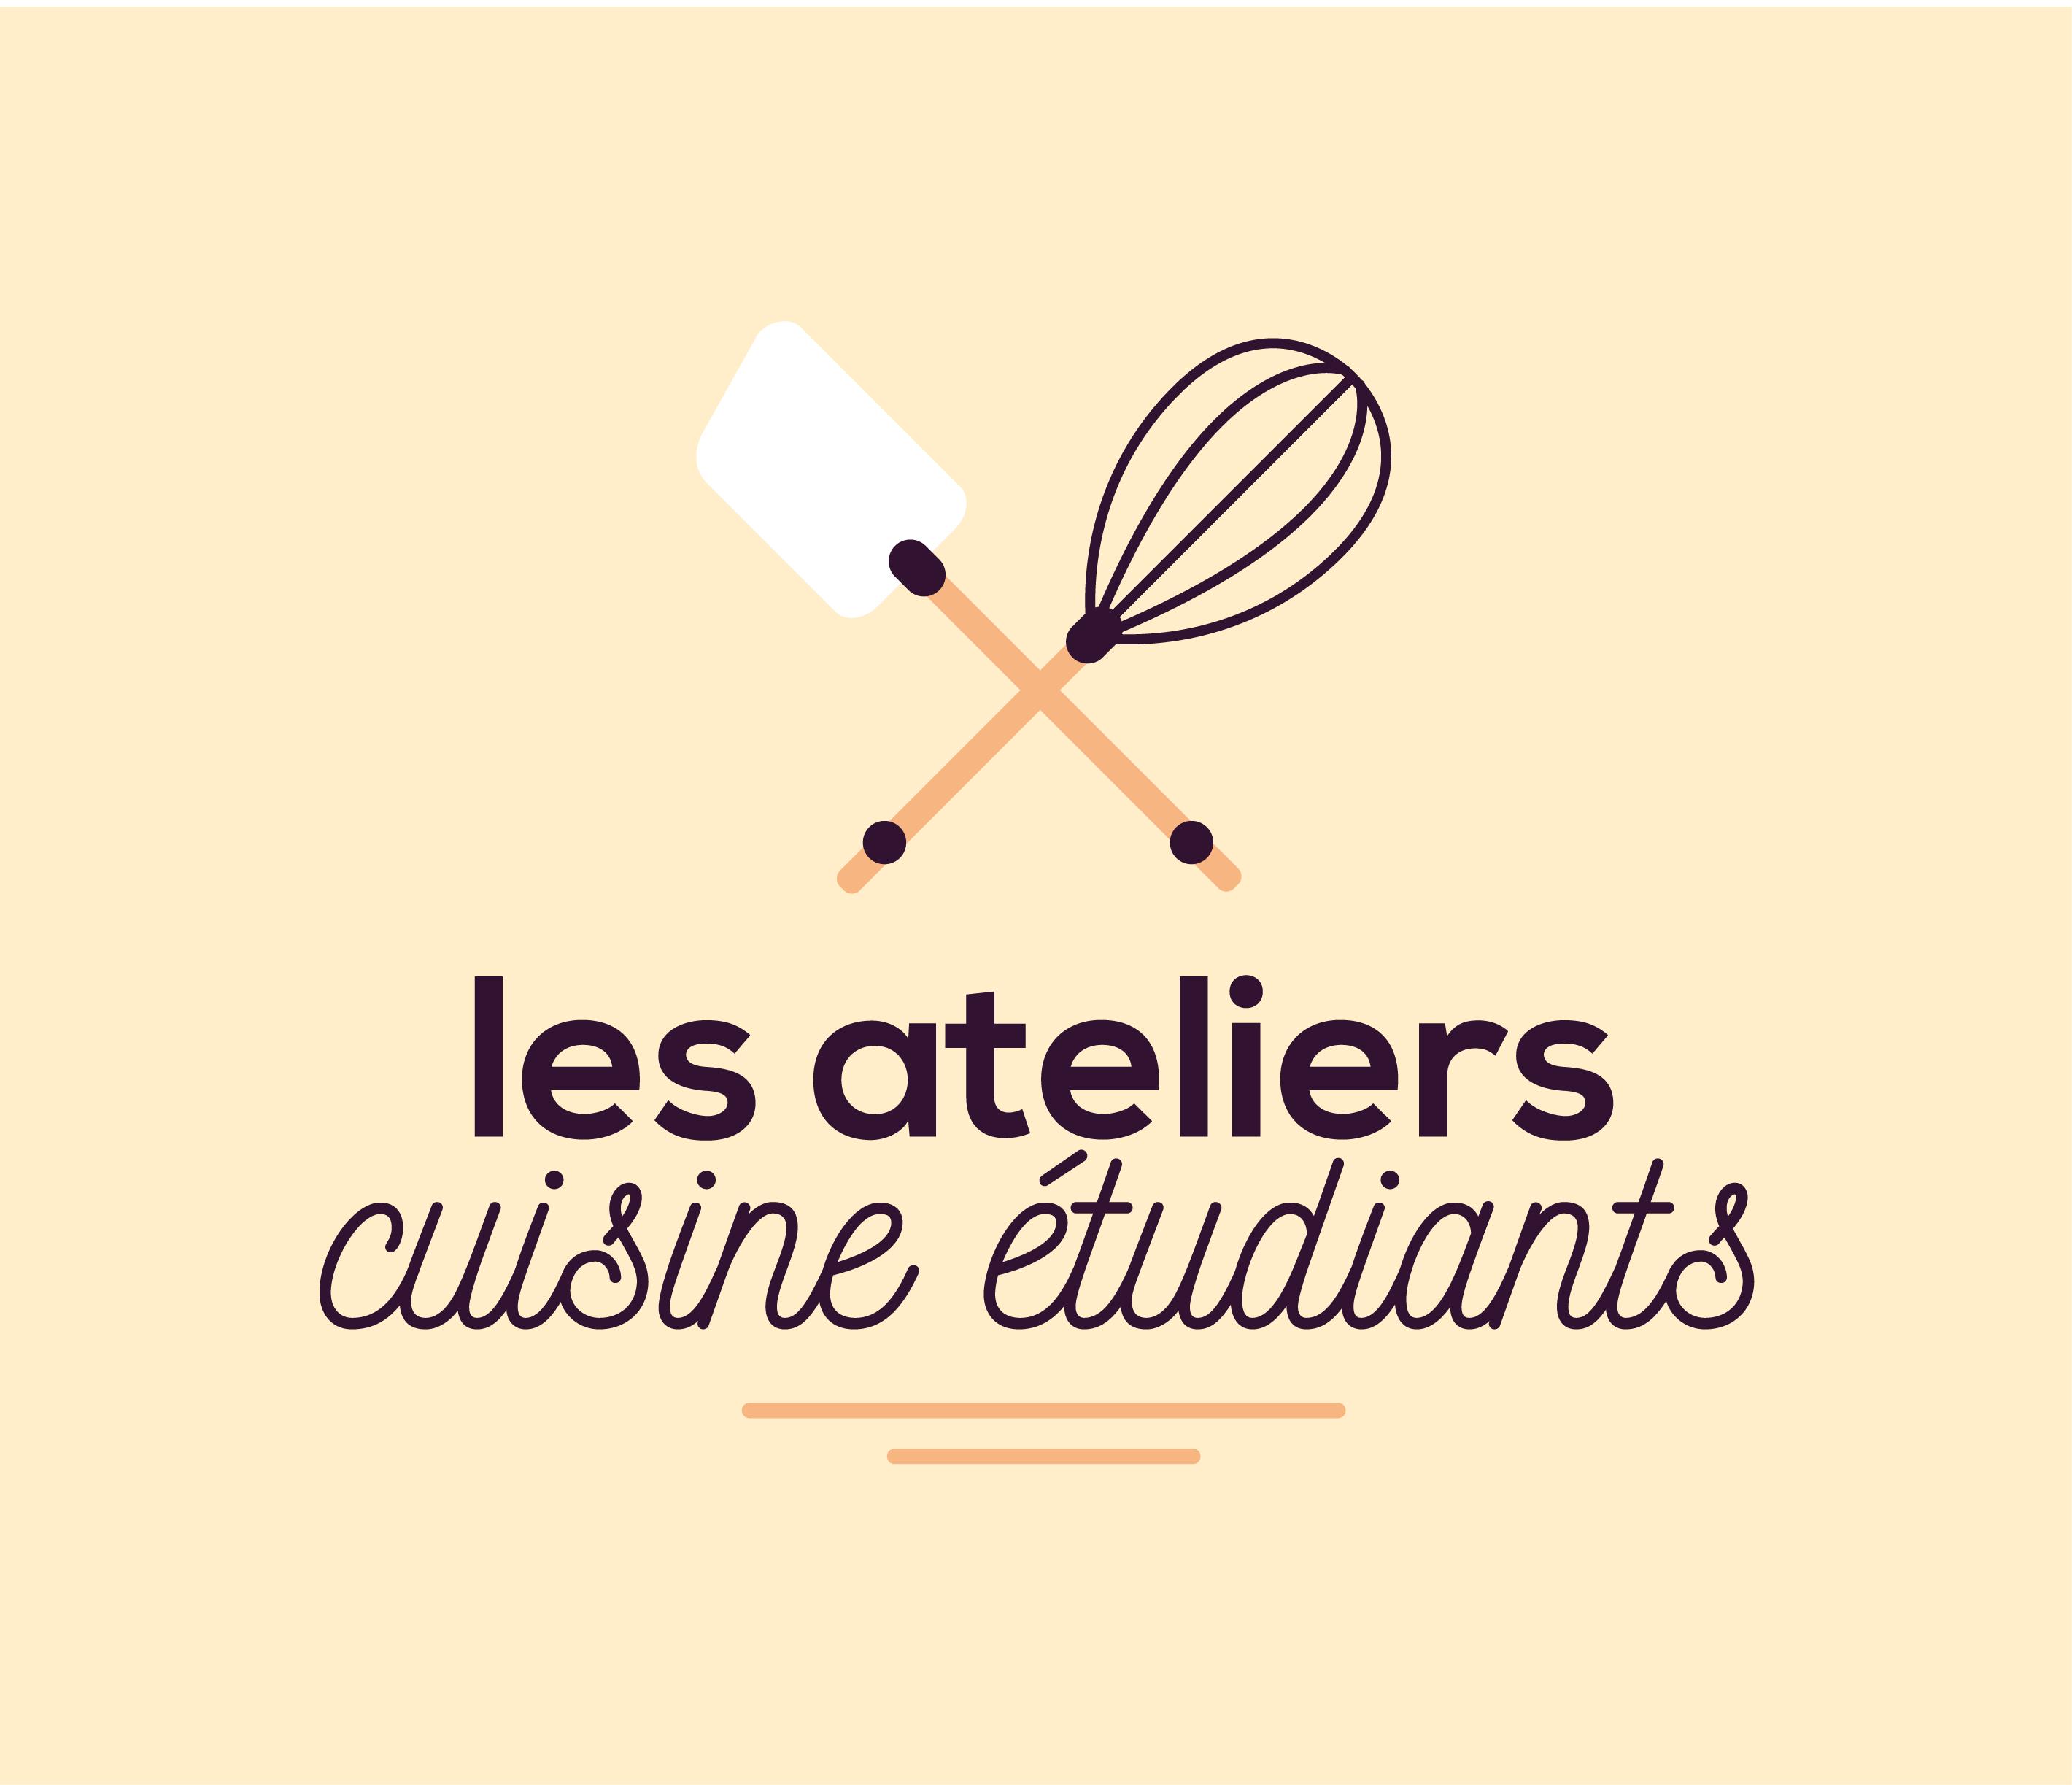 Petitspaniers2018_logo-02